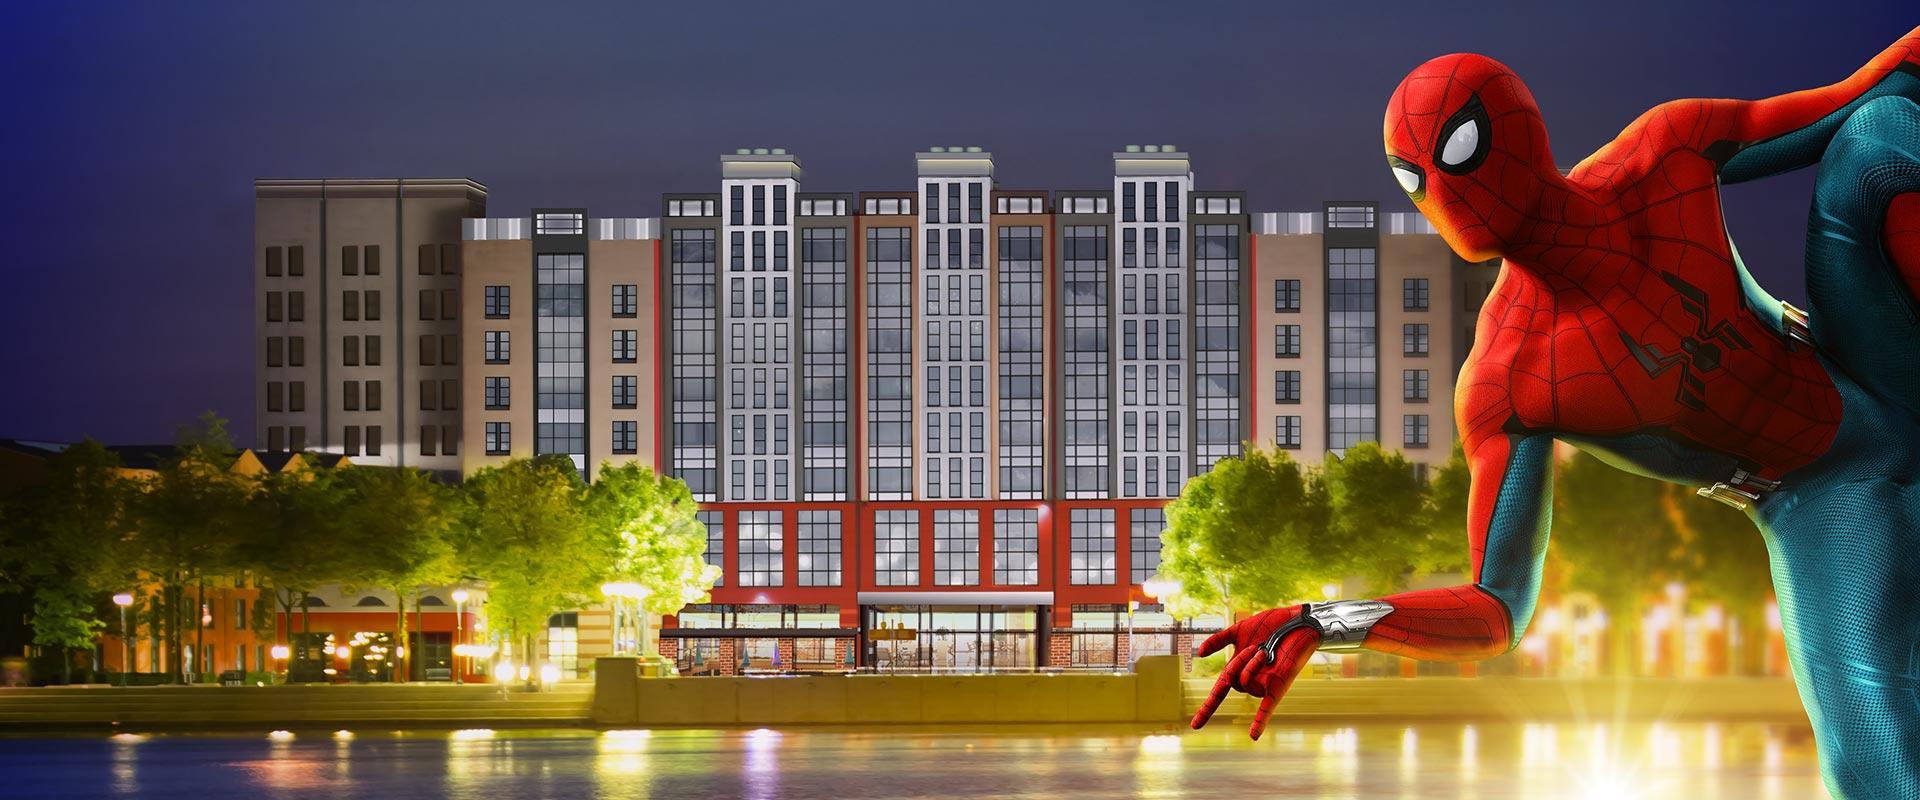 Disney revela preços do hotel da Marvel